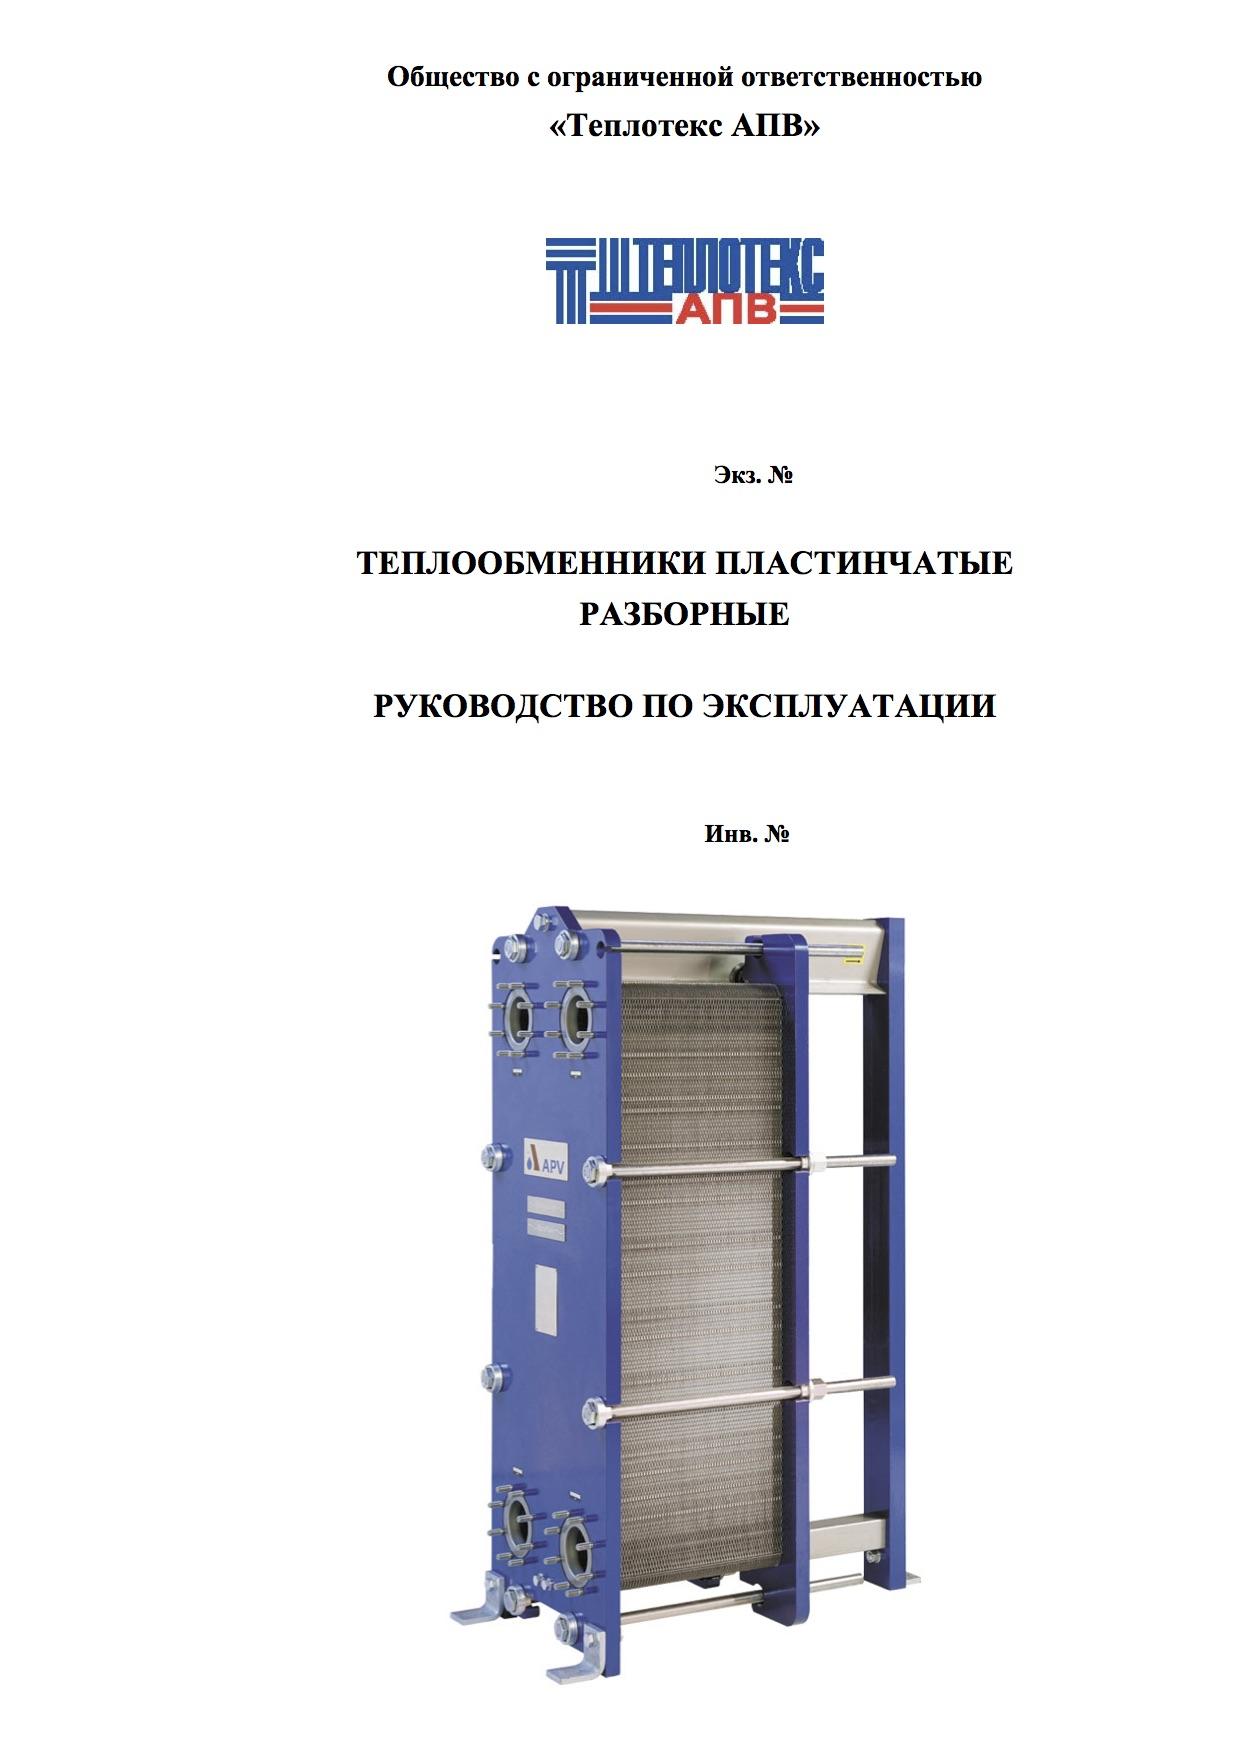 Теплообменник руководство по эксплуатации Пластинчатый теплообменник Alfa Laval TS50-MFM Юрга